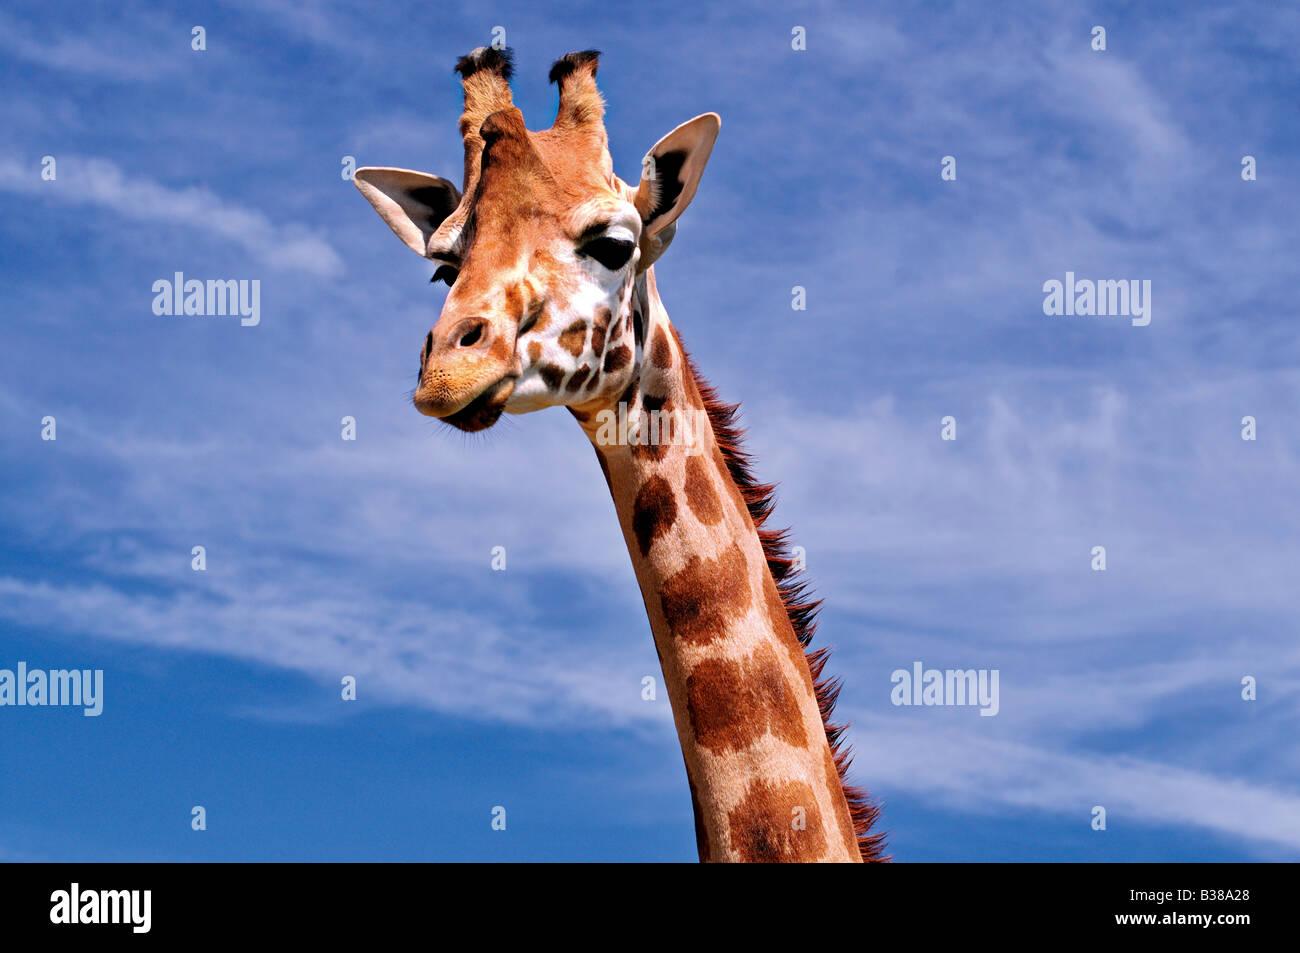 La giraffa in posa il parco animale Carbacena in Cantabria, SPAGNA Immagini Stock